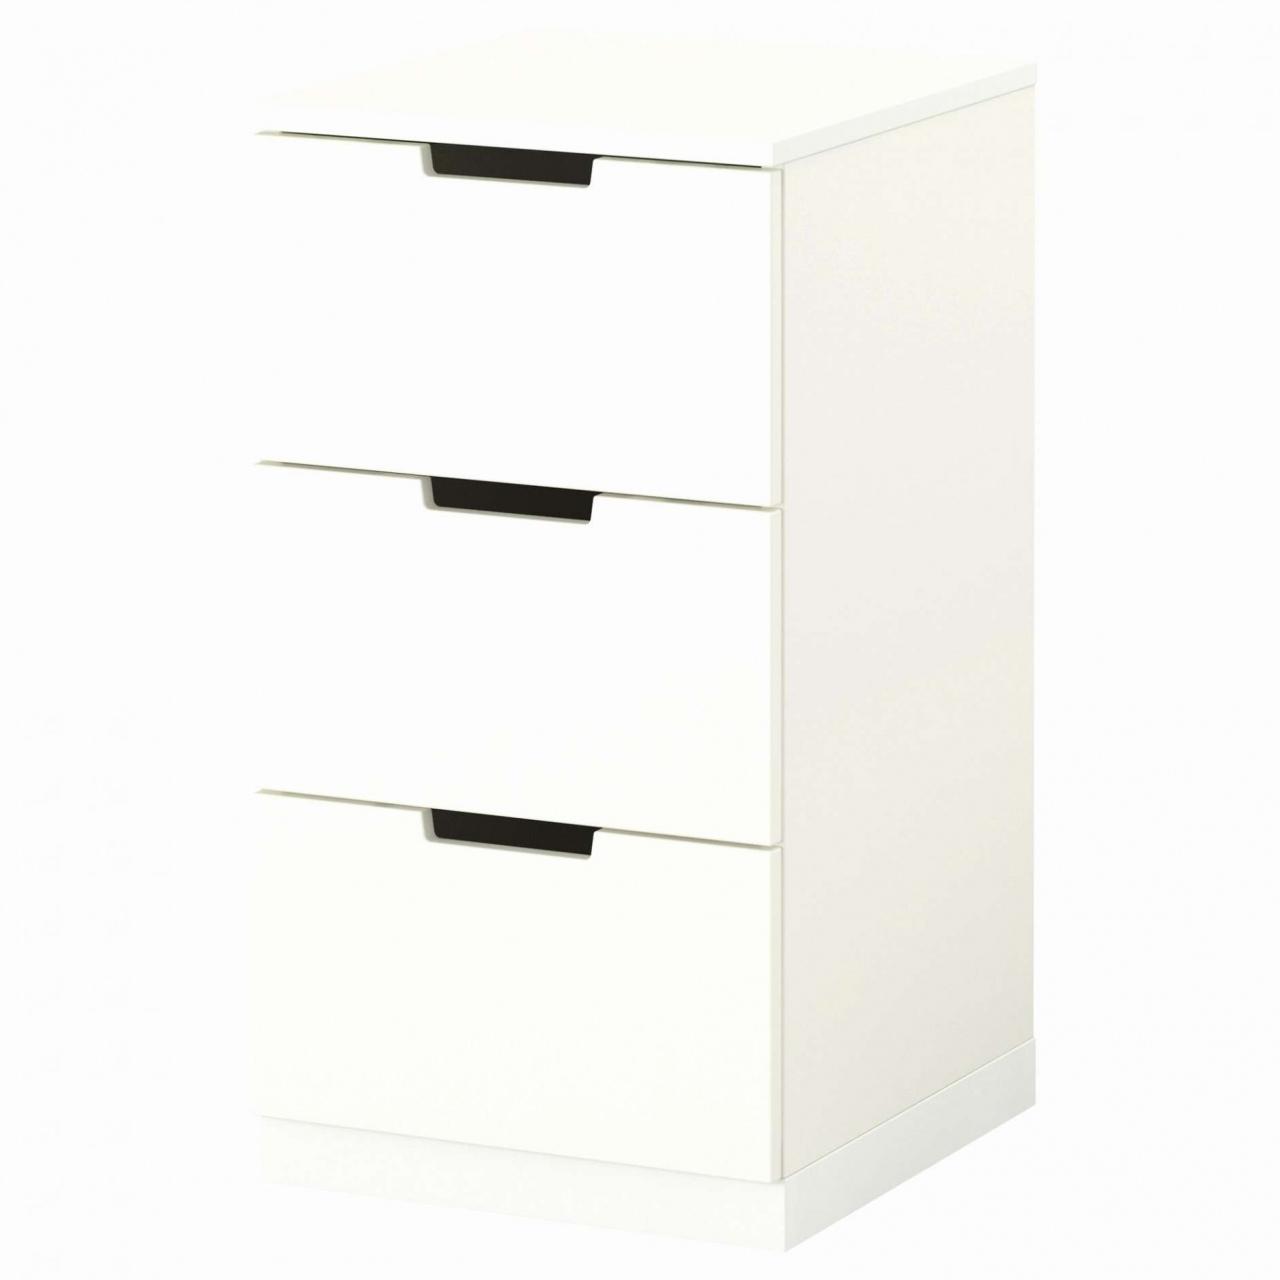 modern white dresser schrank 150 breit schon schrank garten nachttisch glas 0d tags schon durch modern white dresser